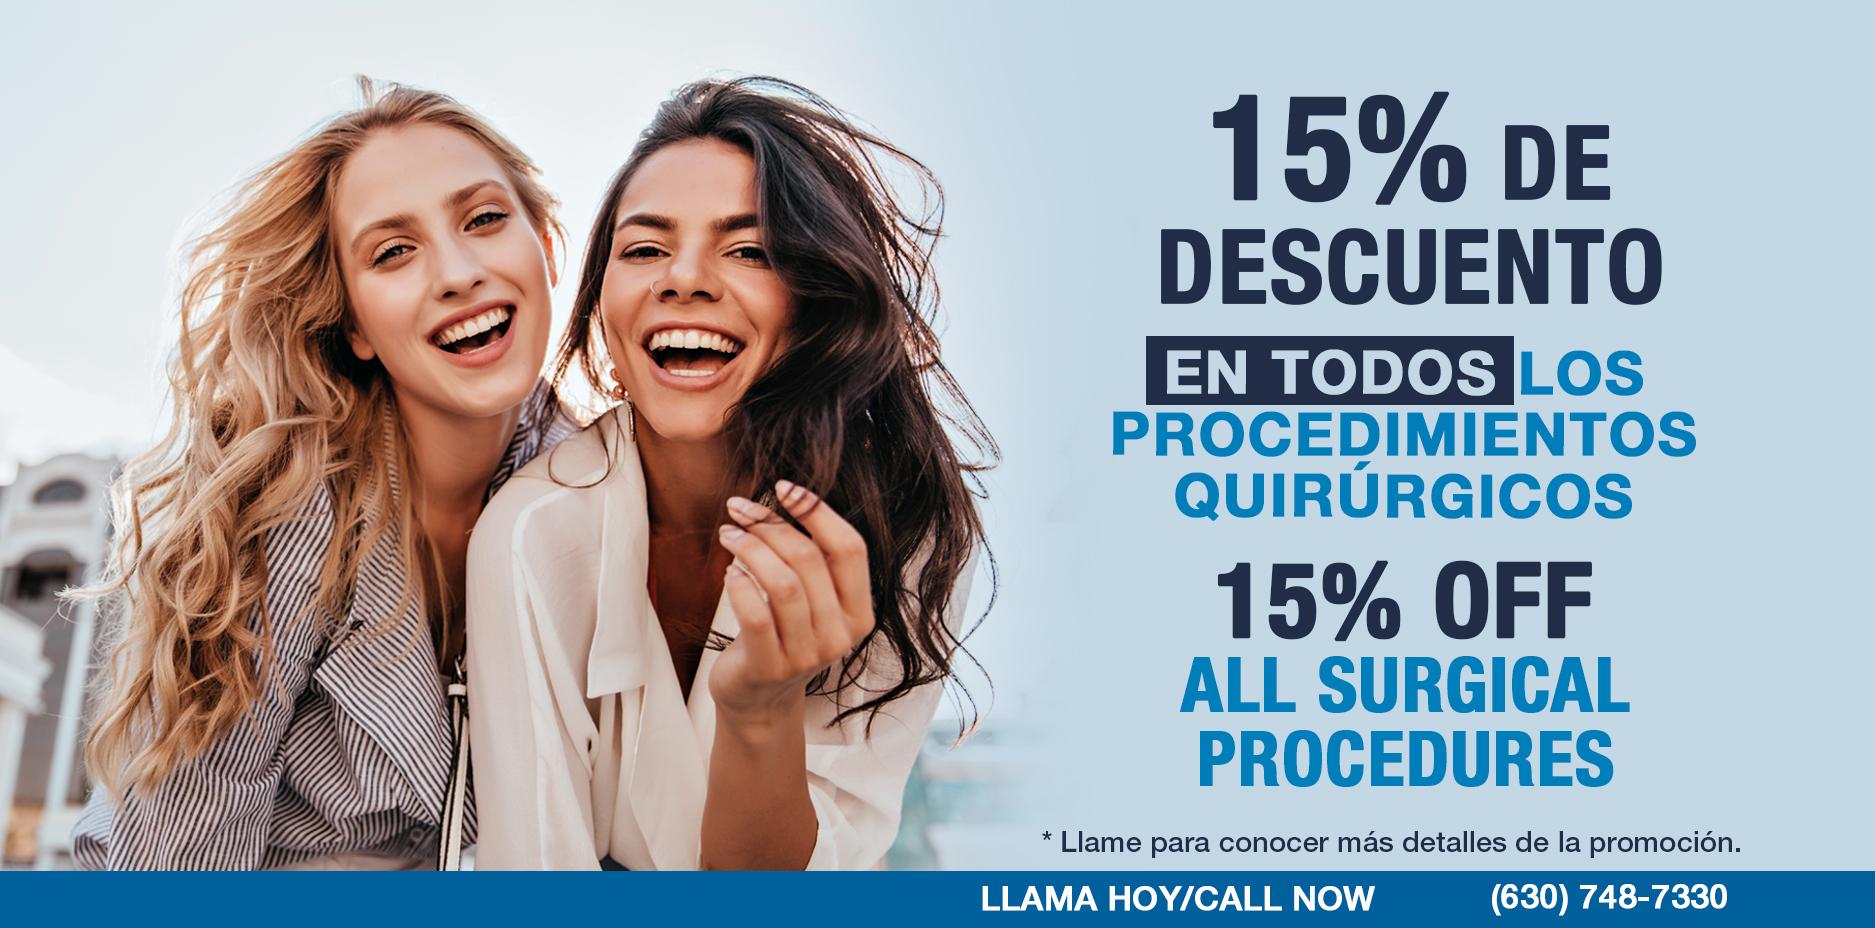 15% DE DESCUENTO-AGOSTO2021